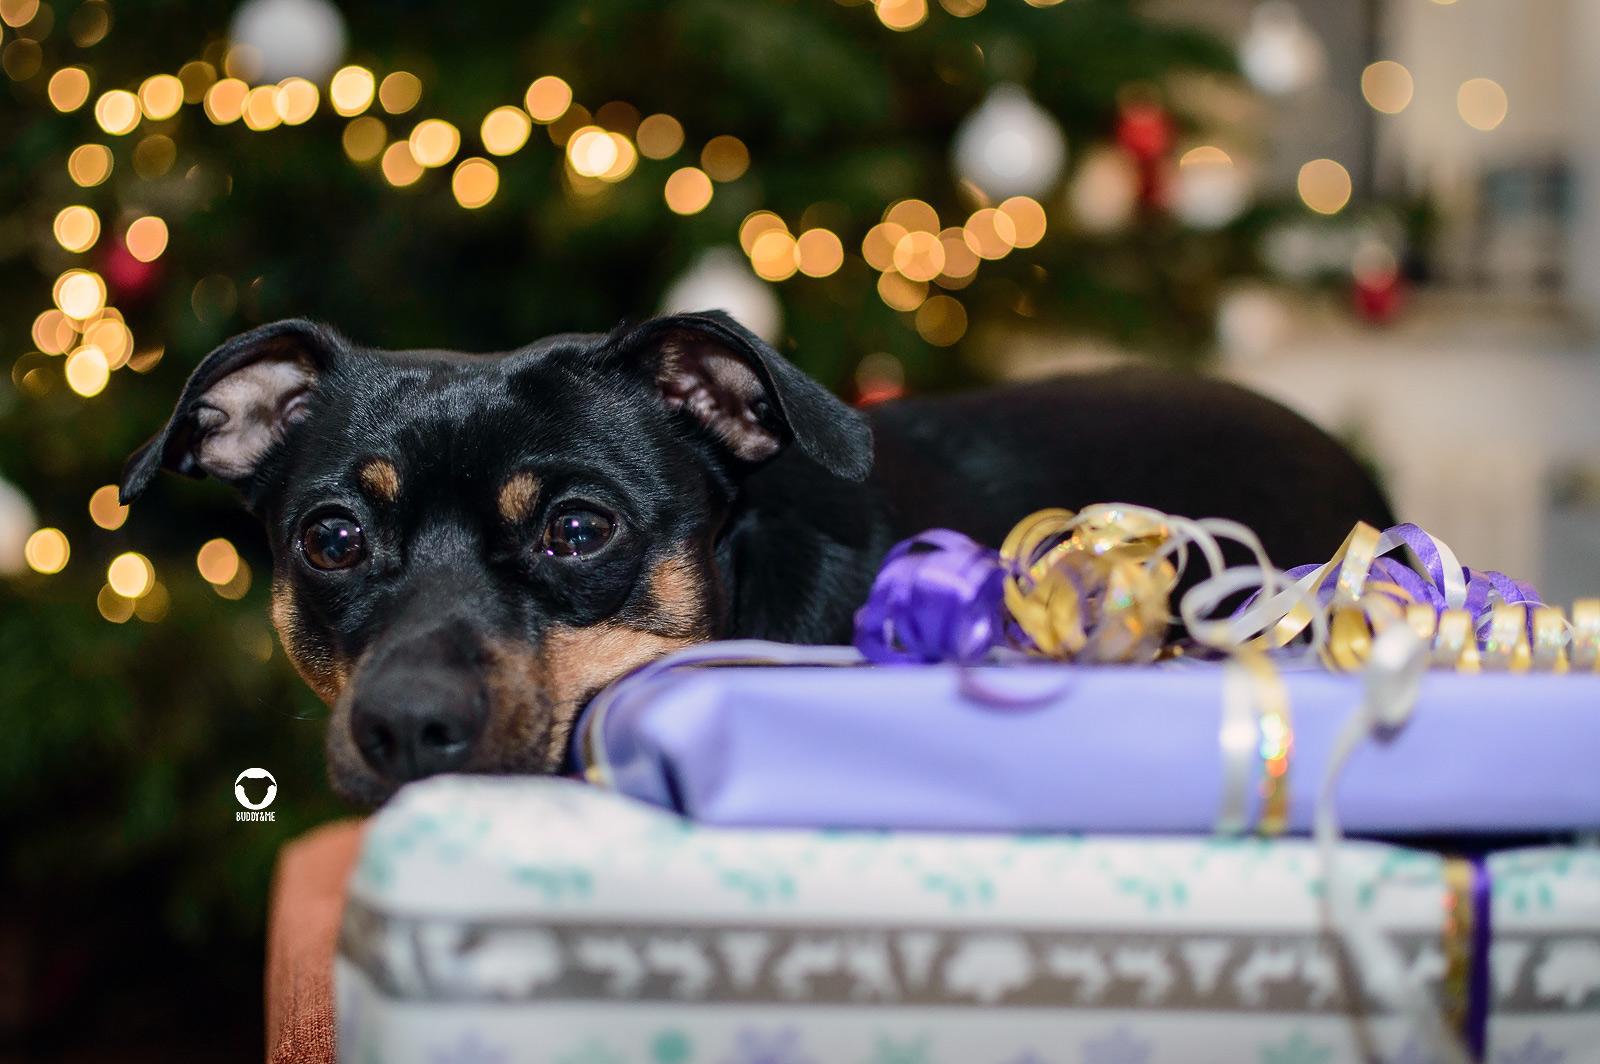 Pinscher Buddy, Buddy and Me, Hundeblog, Dogblog, Weihnachten, Geschenke, weihnachtsgeschenke für Hunde, Geschenkideen, Geschenktipps für Hunde, für Zweibeiner, Last Minute, Furbo Hundekamera, Gutscheine